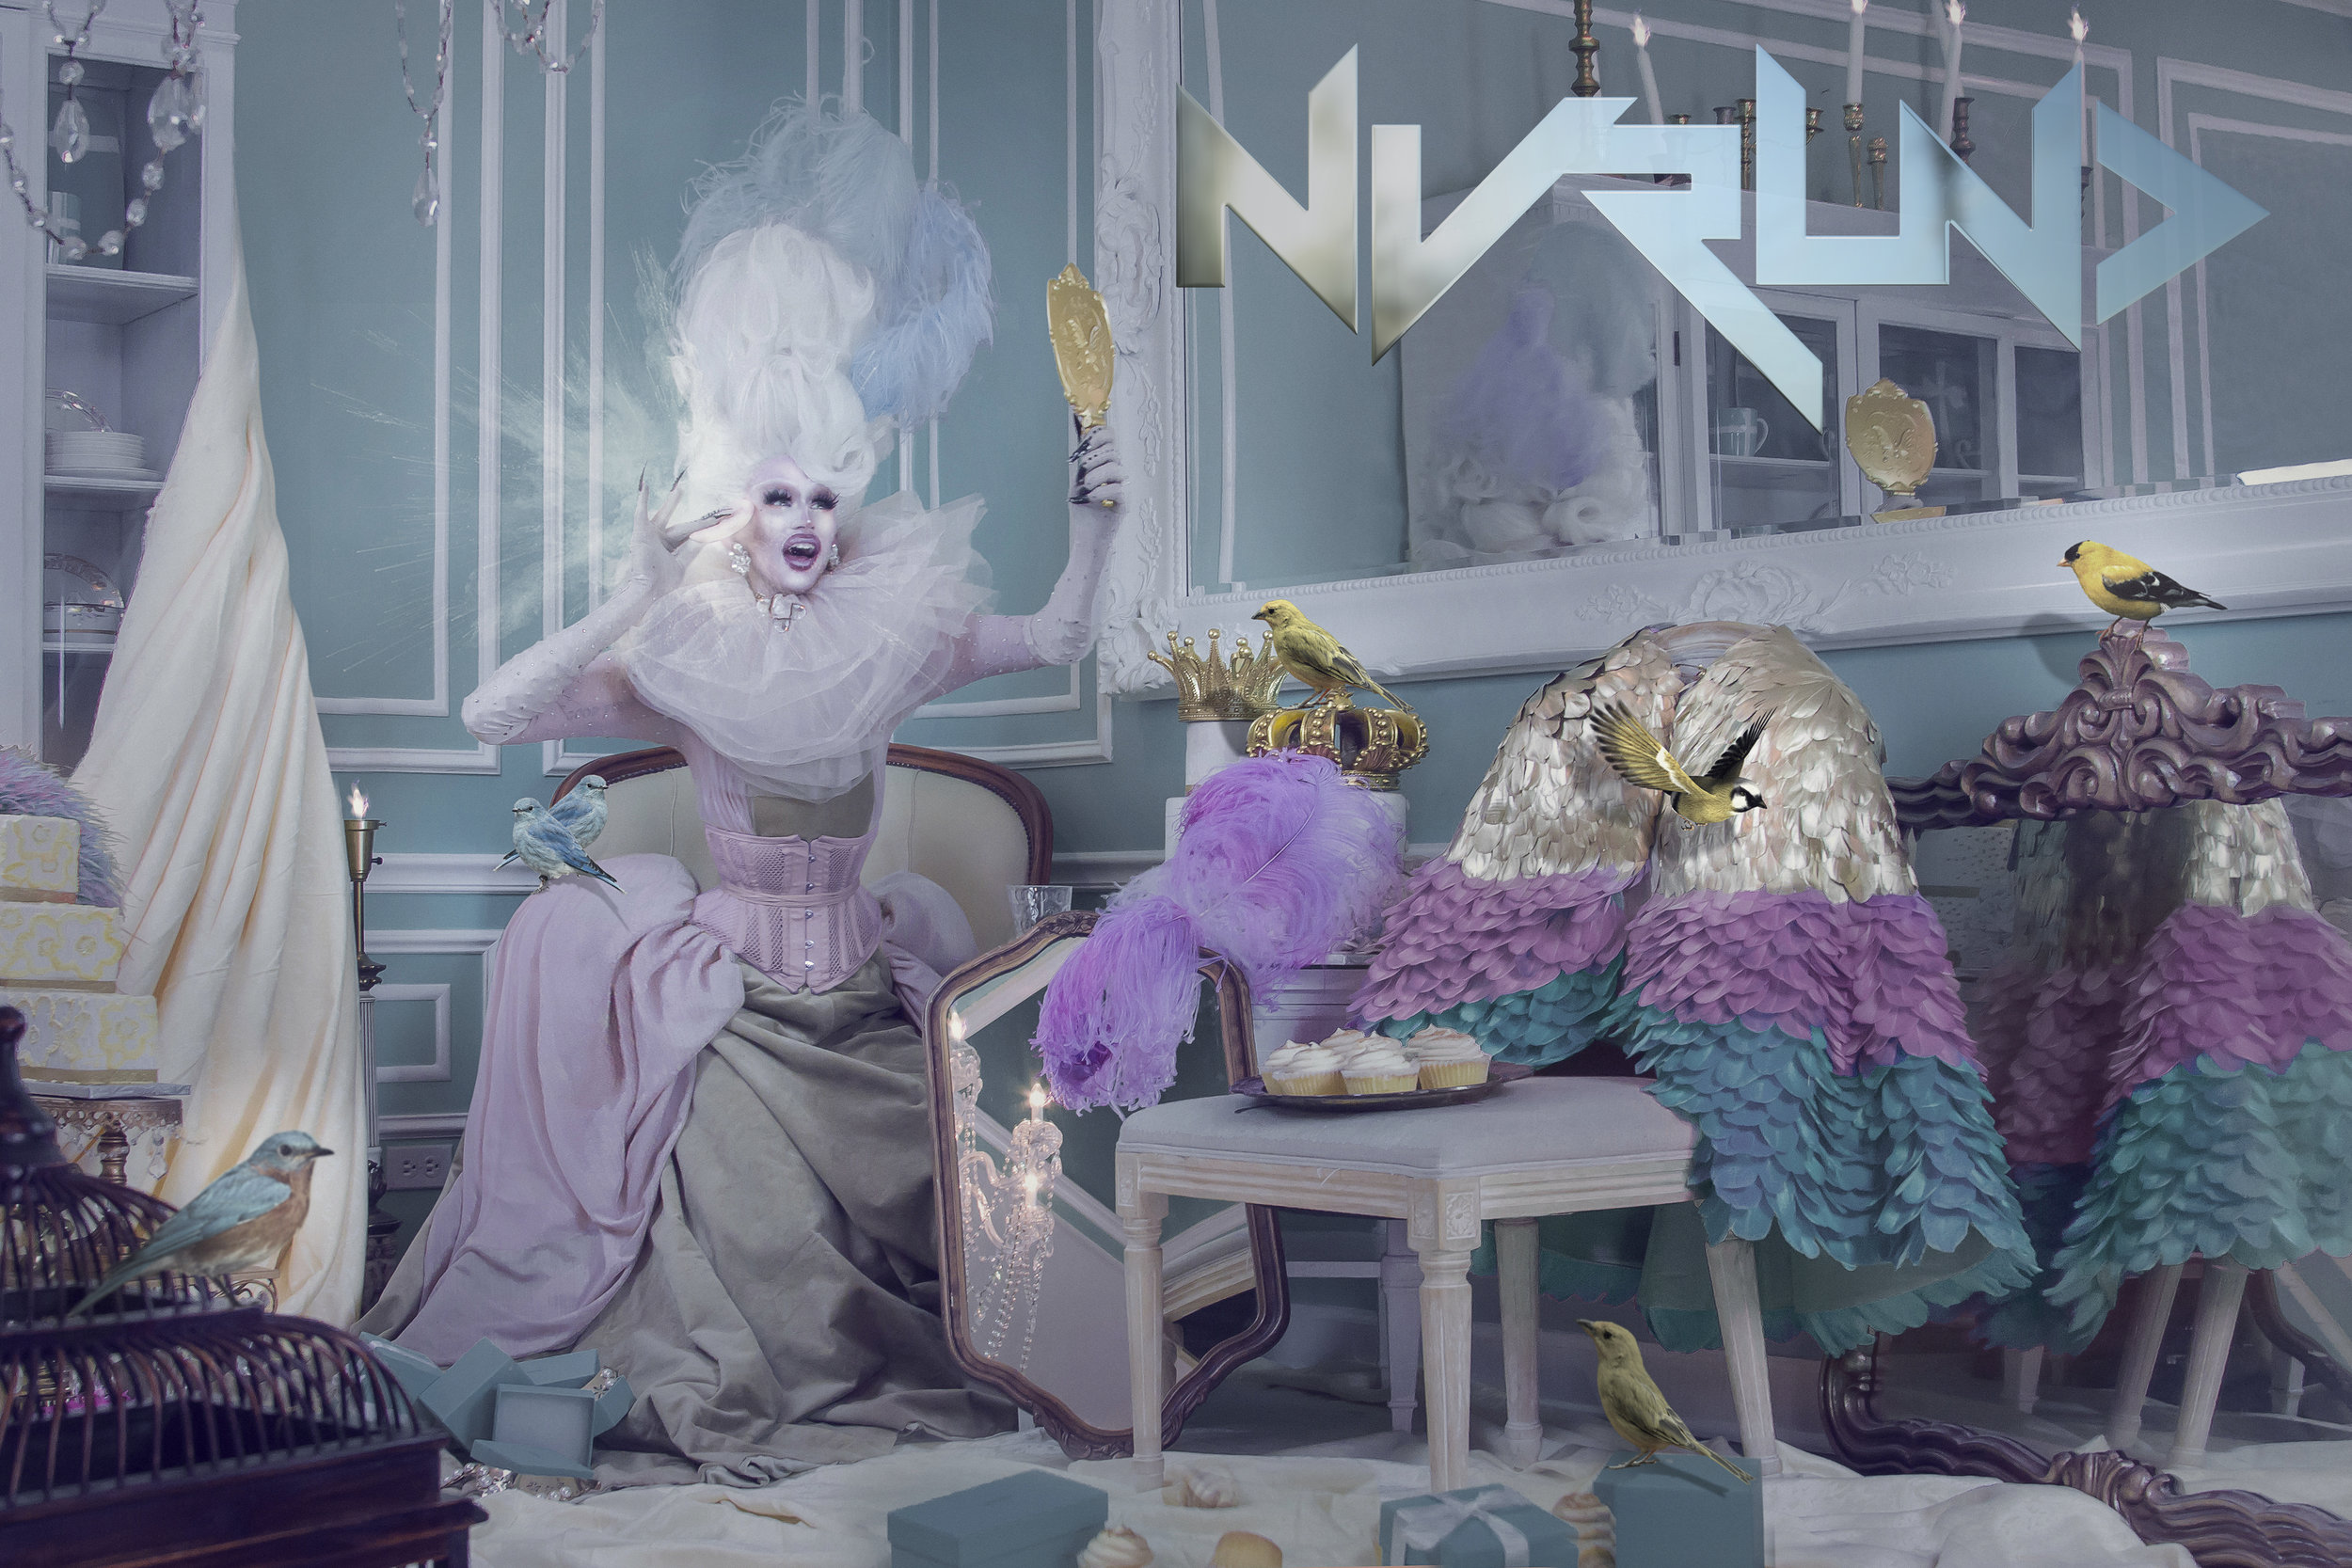 Marie Antoinette_01 Final.jpg